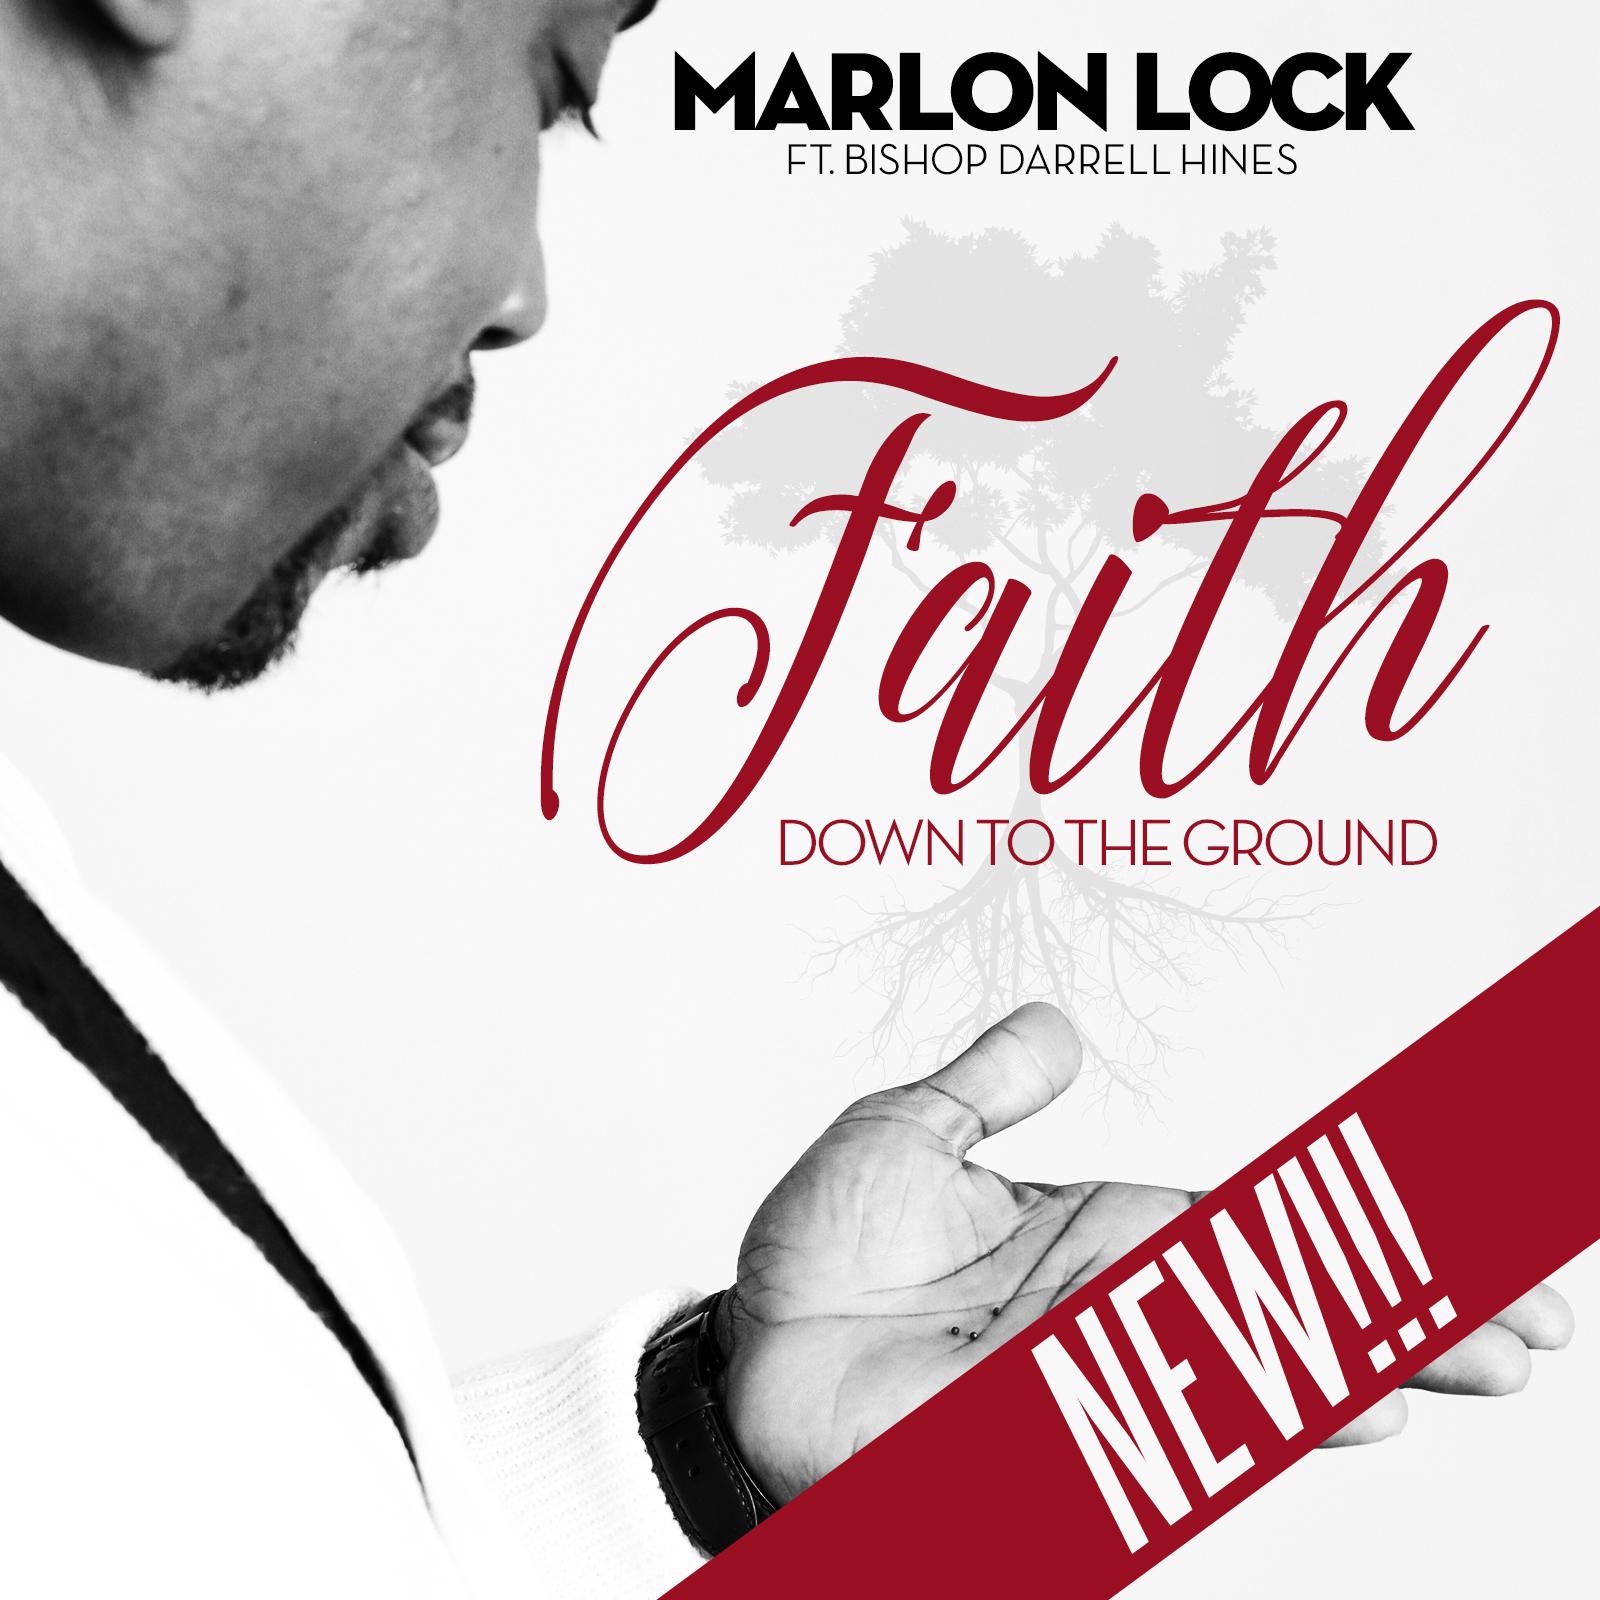 Marlon Lock